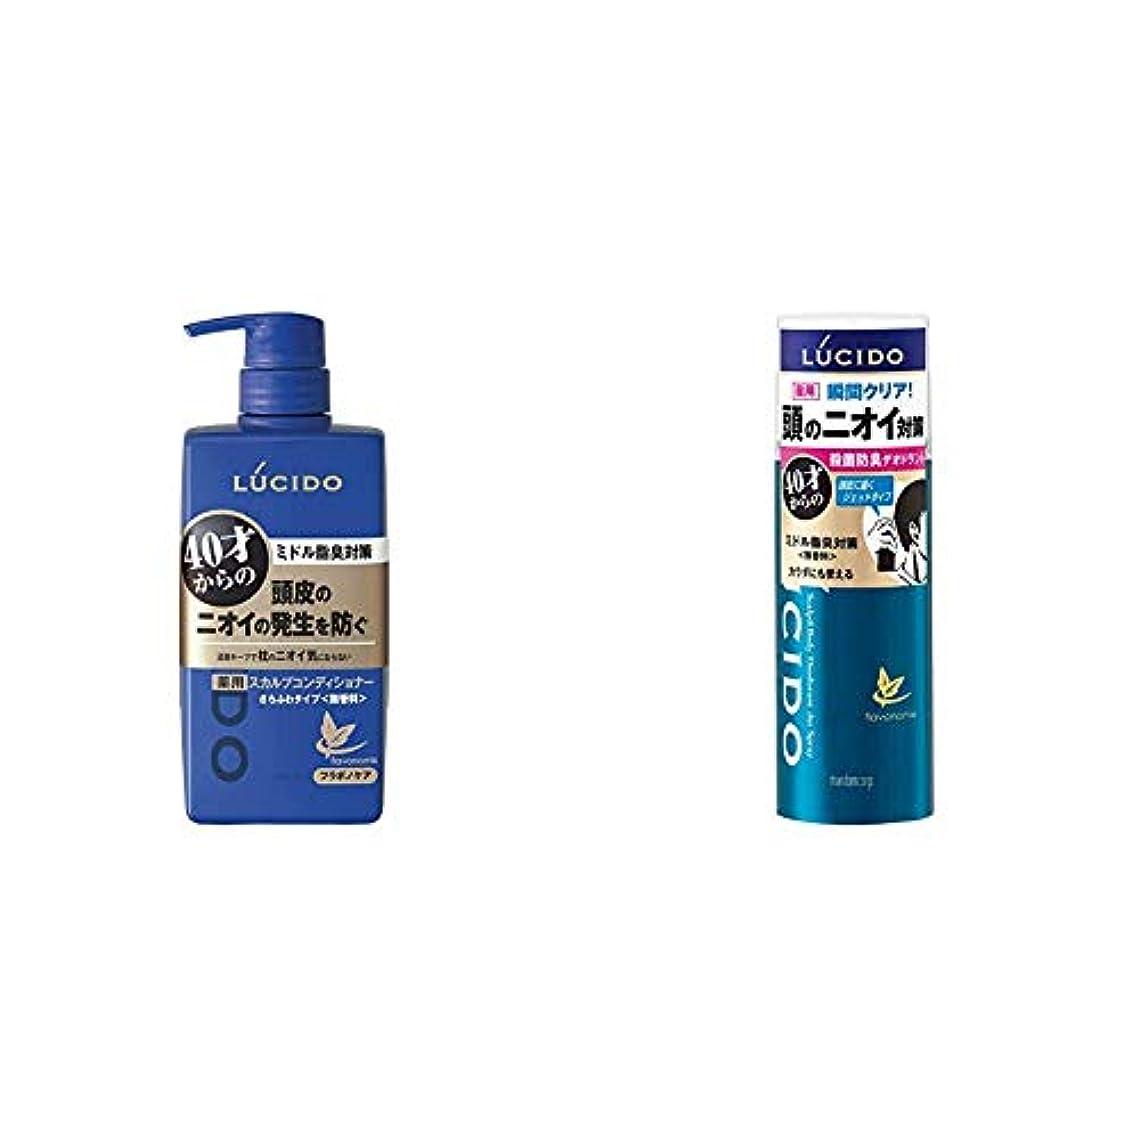 お母さんバイパスベアリングルシード 薬用ヘア&スカルプコンディショナー 450g(医薬部外品) & ルシード(LUCIDO)薬用 頭皮とカラダのデオドラントジェットスプレー 130g(医薬部外品)